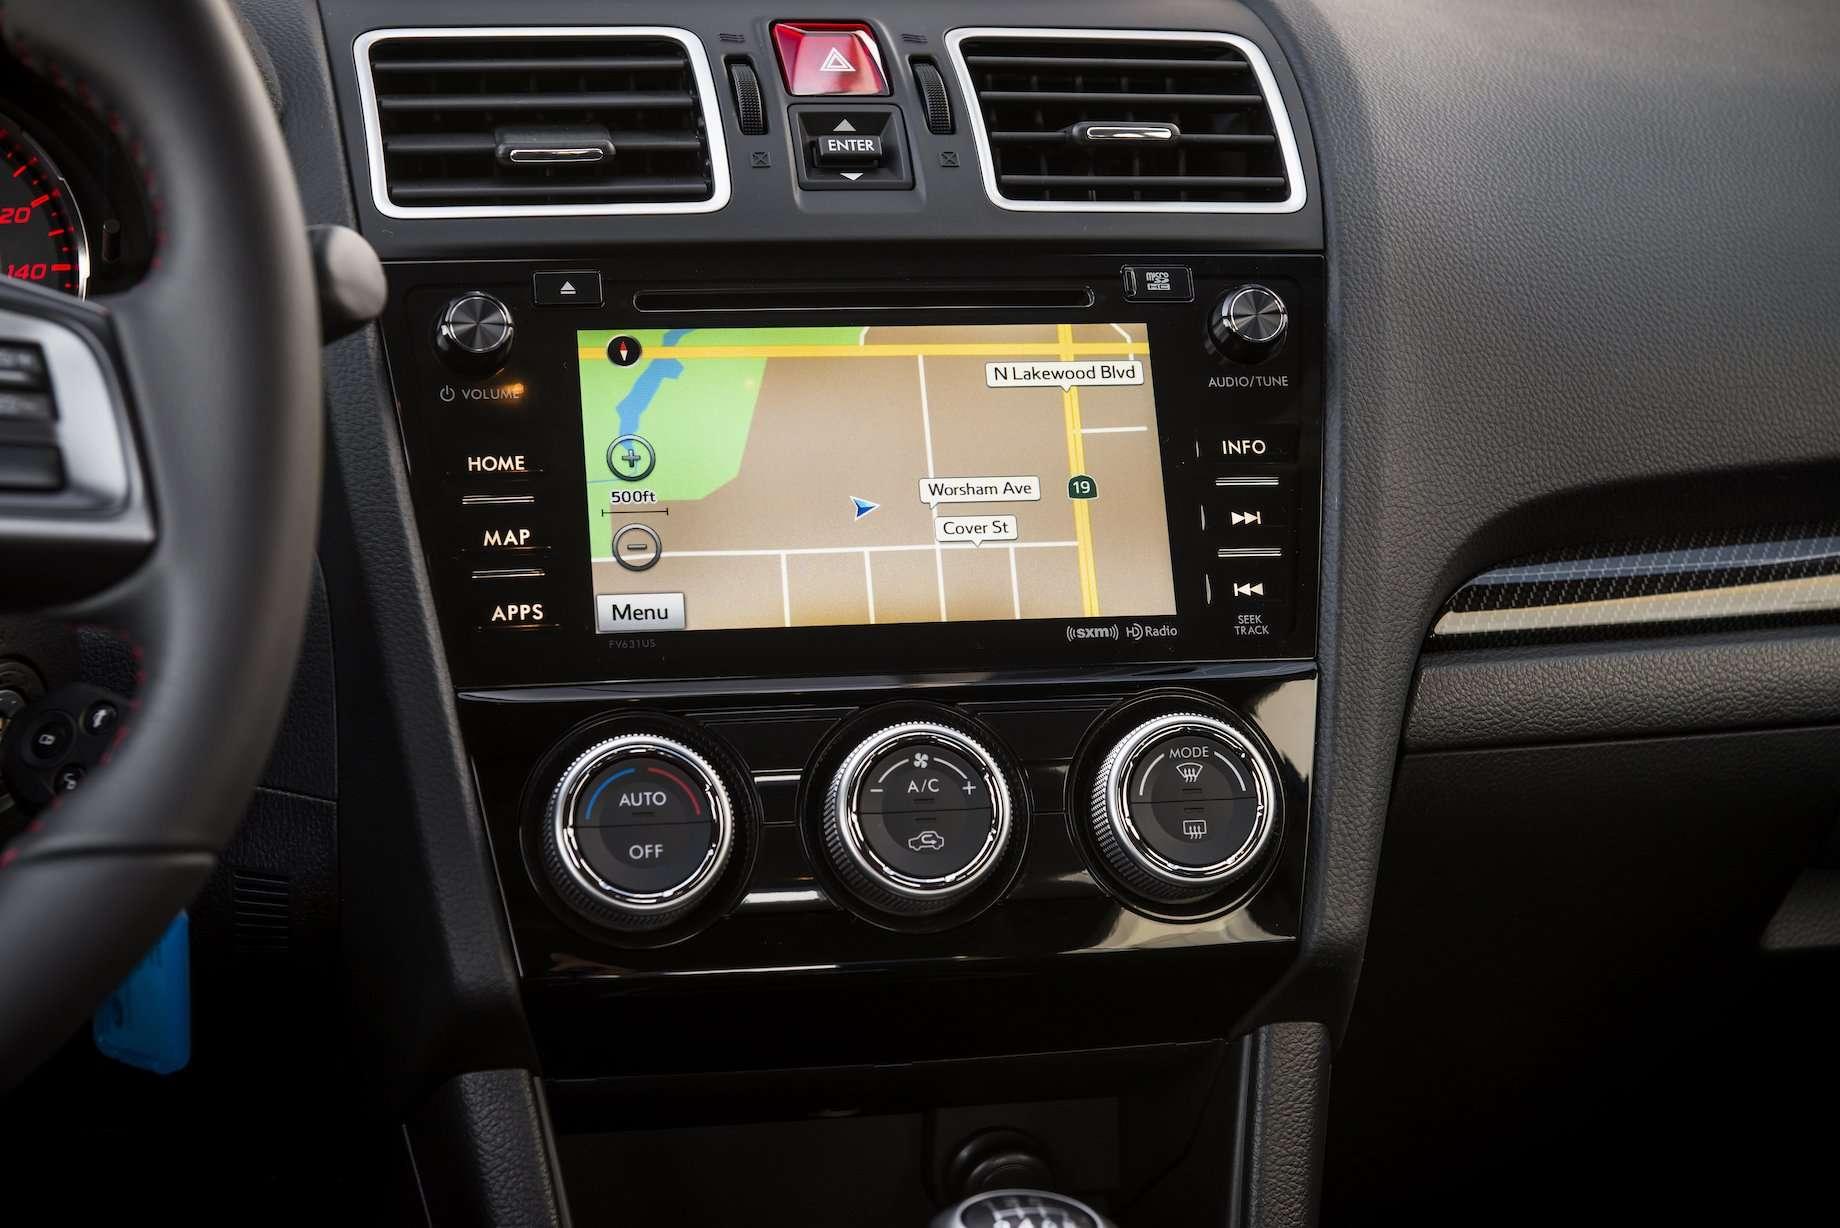 Subaru Starlink Infotaintment For 2016 Wrx And Wrx Sti